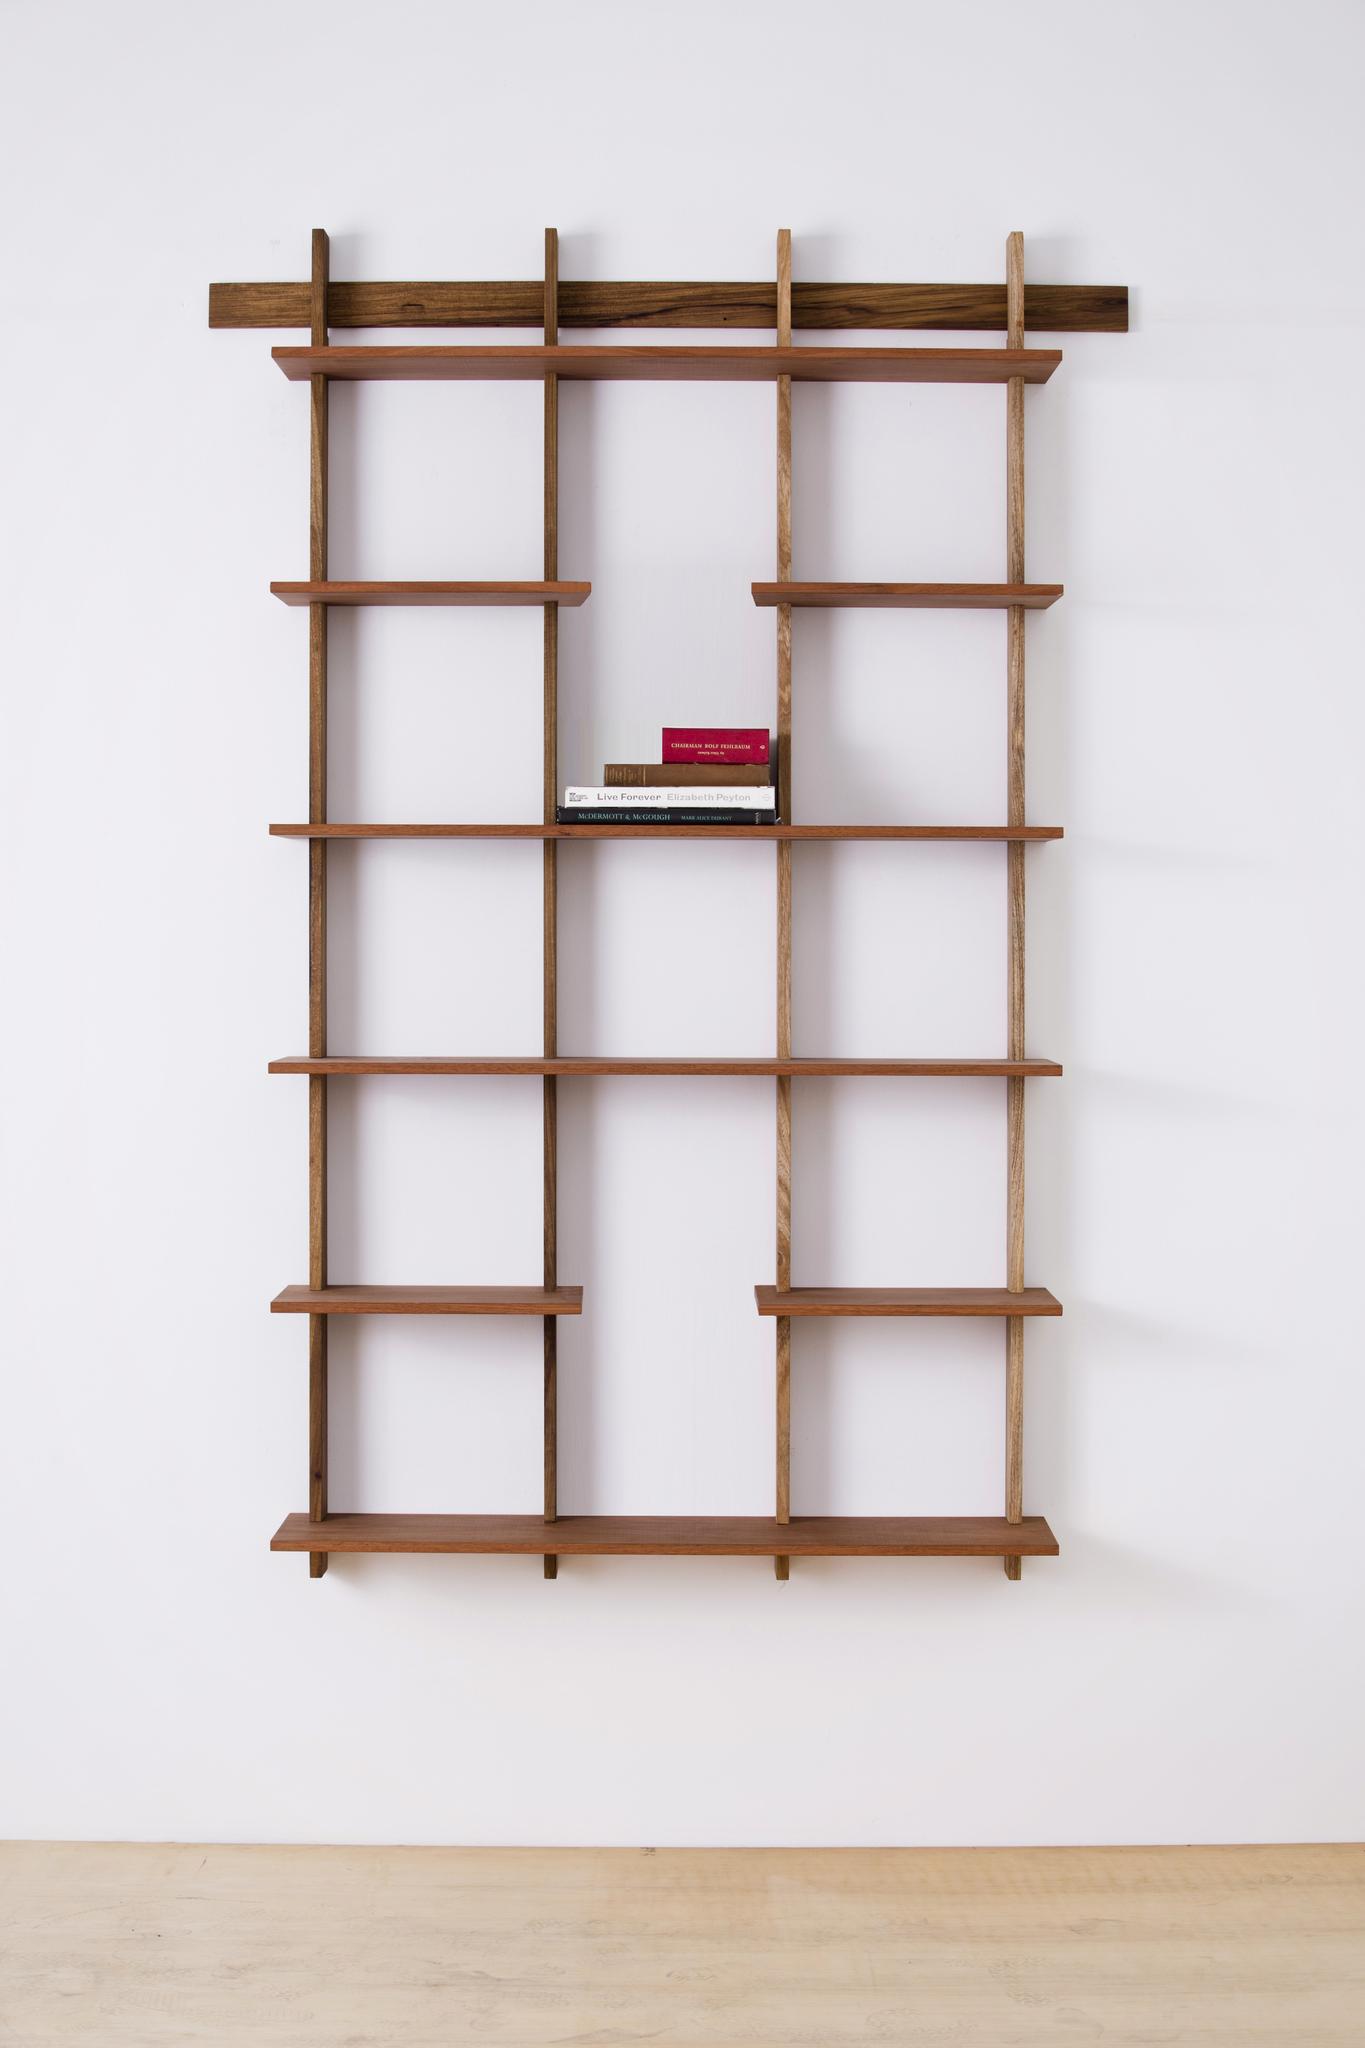 Sticotti Shelving System Kit E Modular Bookshelves Minimalist Bookshelves Shelving